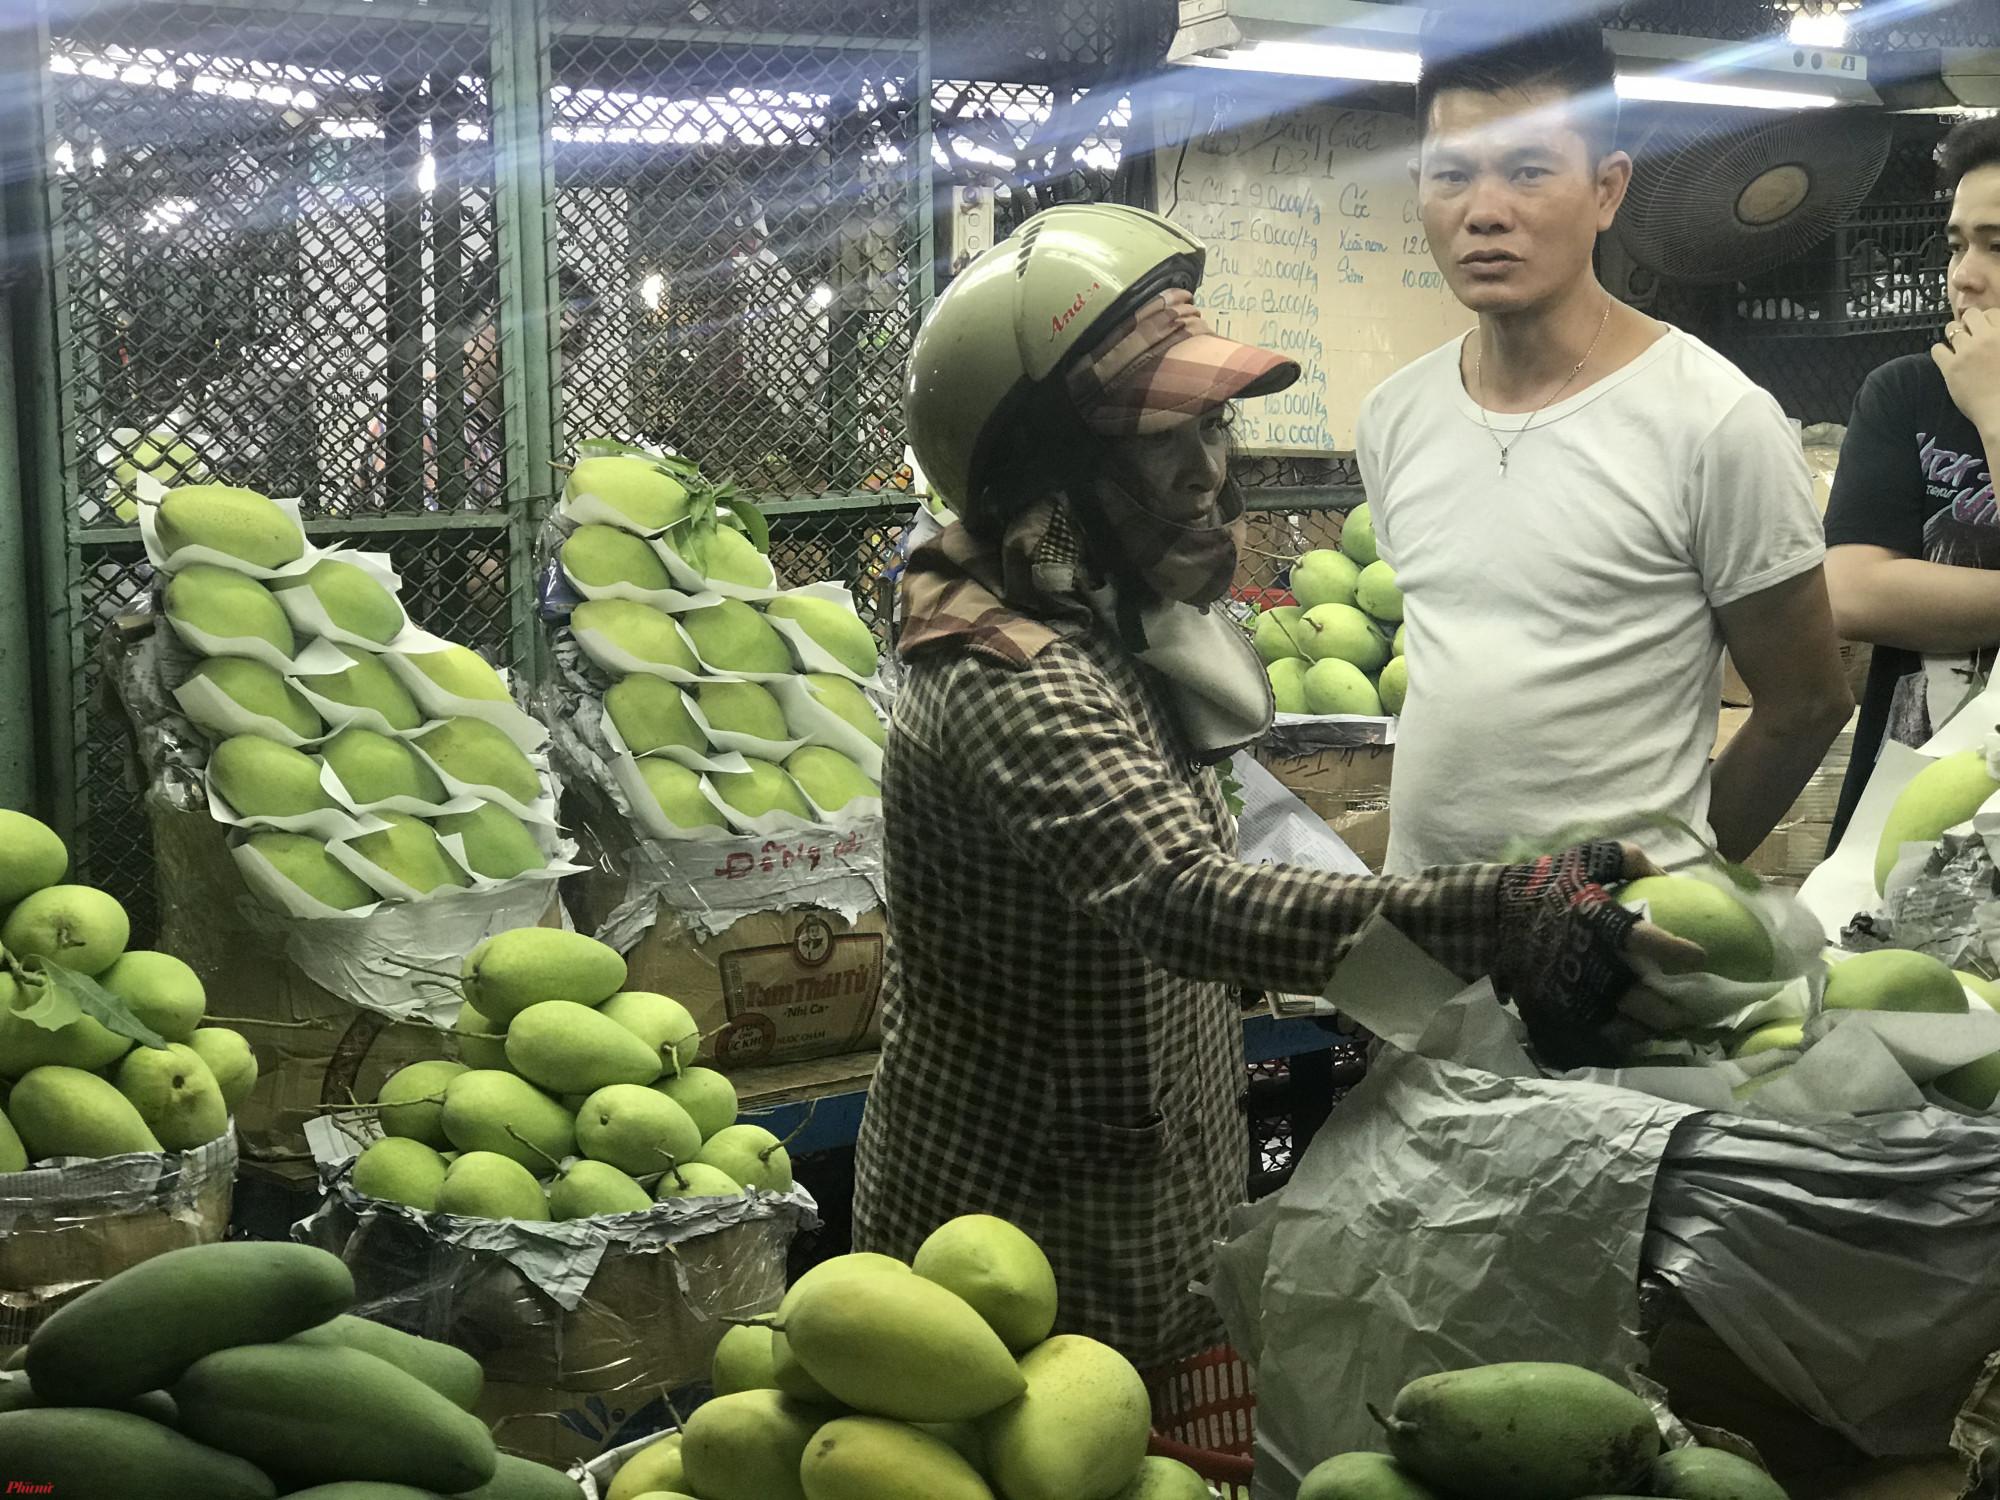 Báo cáo trong buổi làm việc với Ban, ông Nguyễn Nhu –Phó Giám đốc Cty Cổ phần Quản lý và Kinh doanh Chợ Nông Sản Thủ Đức cho biết, mỗi ngày chợ nhập trung bình 3500 tấn hàng hoá mỗi đêm chủ yếu là rau củ quả, trái cây và hoa tươi. Dự kiến hàng hoá nhập chợ phục vụ Tết Nguyên đán năm nay tương đương 2019 với ngày cao điểm lên đến 6000-6500 tấn hàng hoá. Tuy nhiên, năm nay do ảnh hưởng bởi thời tiết nên một số mặt hàng có thể giảm như bưởi hay mãng cầu, nhưng ngược lại một số mặt hàng khác sẽ tăng và giá cả sẽ không biến động.